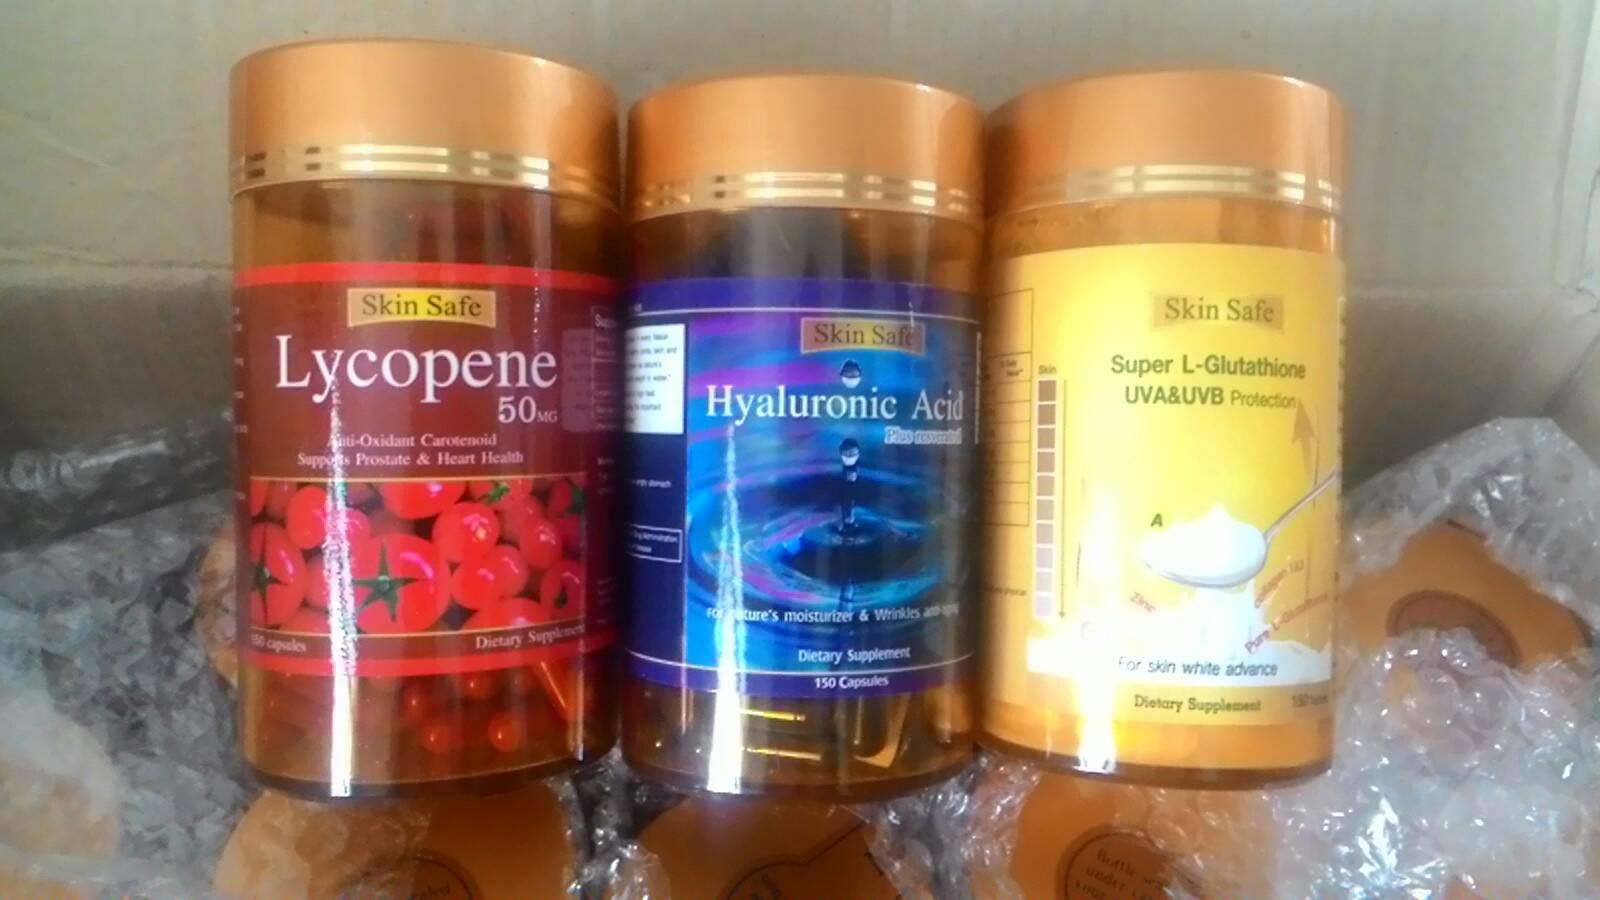 สารสกัดมะเขือเทศ1ปุก 150 เม็ด + ไฮยาลูรอน 1ปุก 150 เม็ด + กลูต้าไธโอน 1ปุก 150 เม็ด